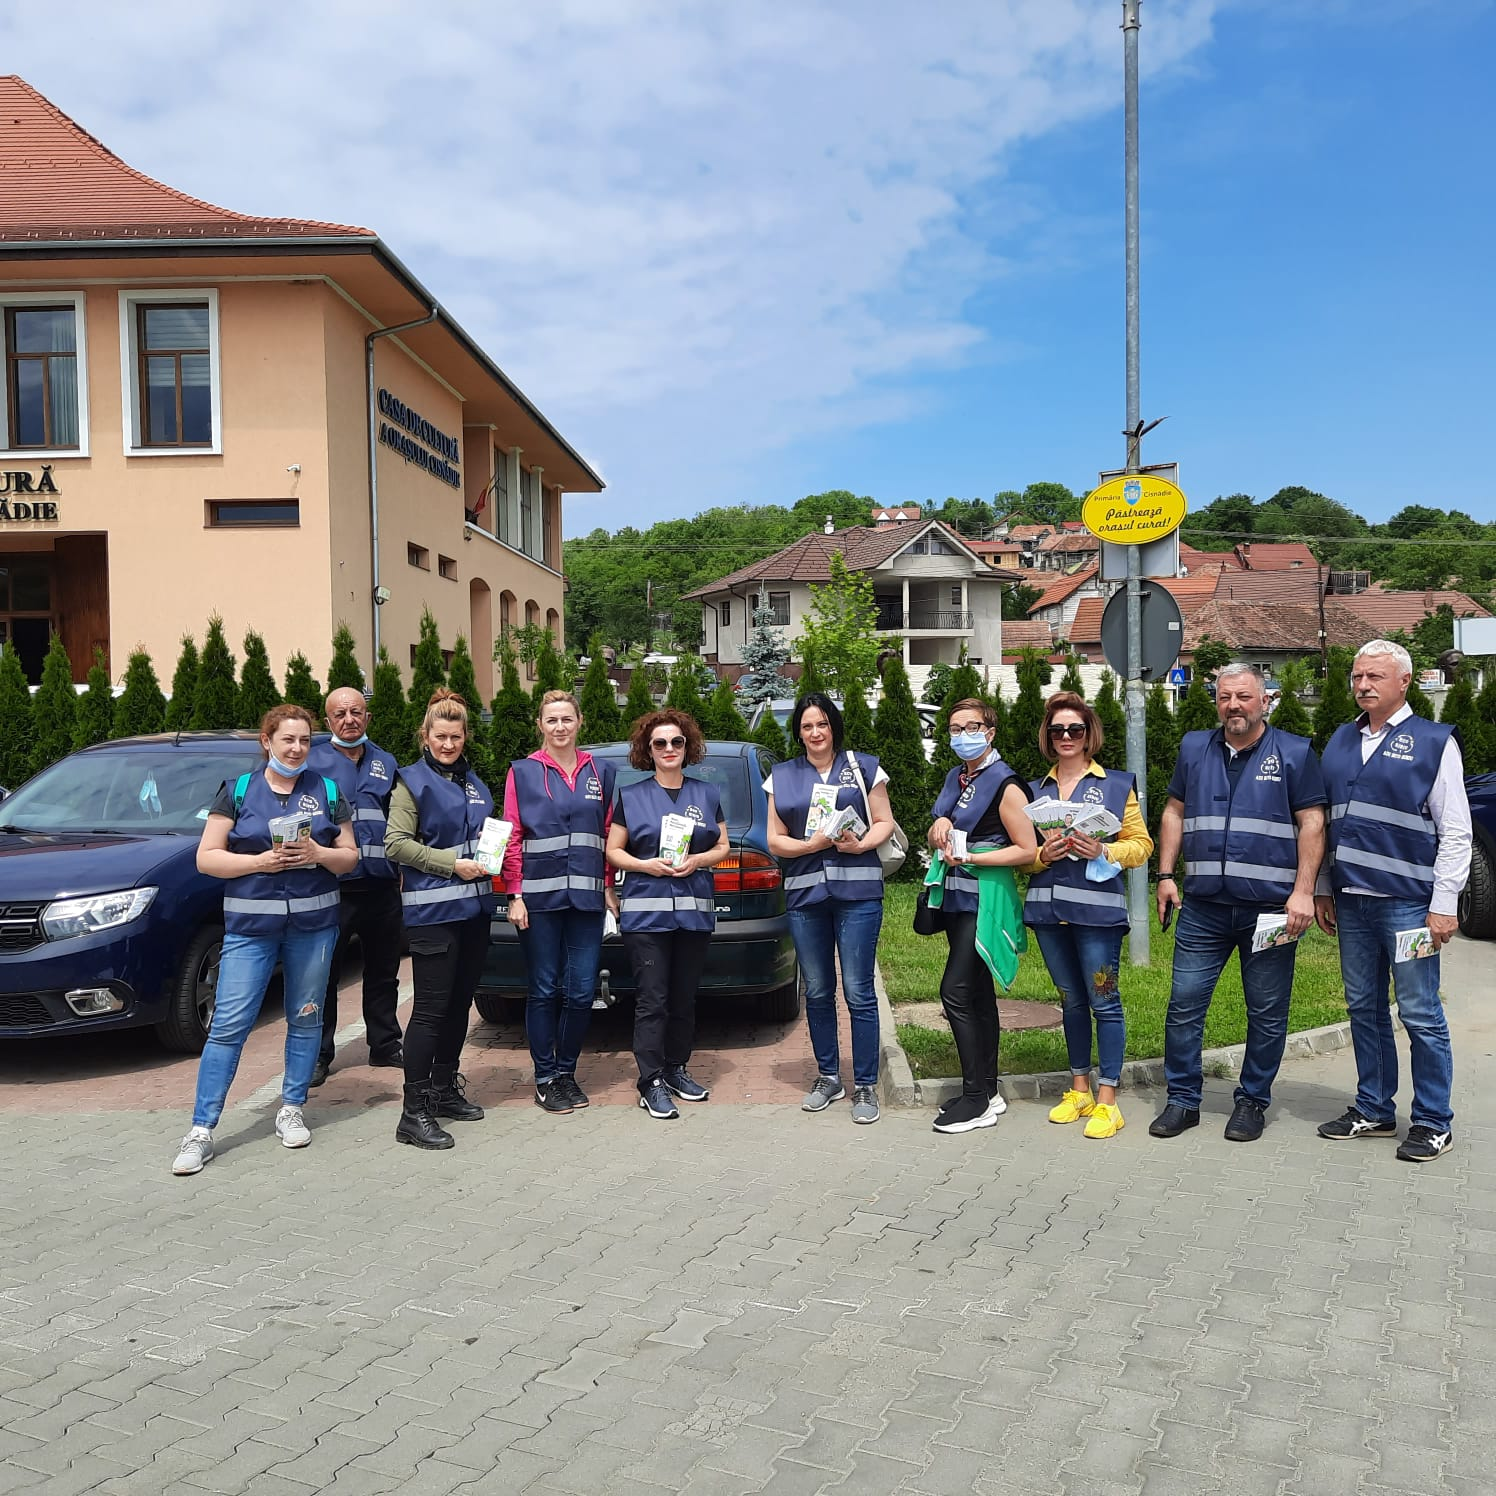 Împreună pentru un mediu mai curat. ADI ECO Sibiu: Acțiuni de ecologizare și informare la Ocna Sibiului, Cisnădie și Rășinari